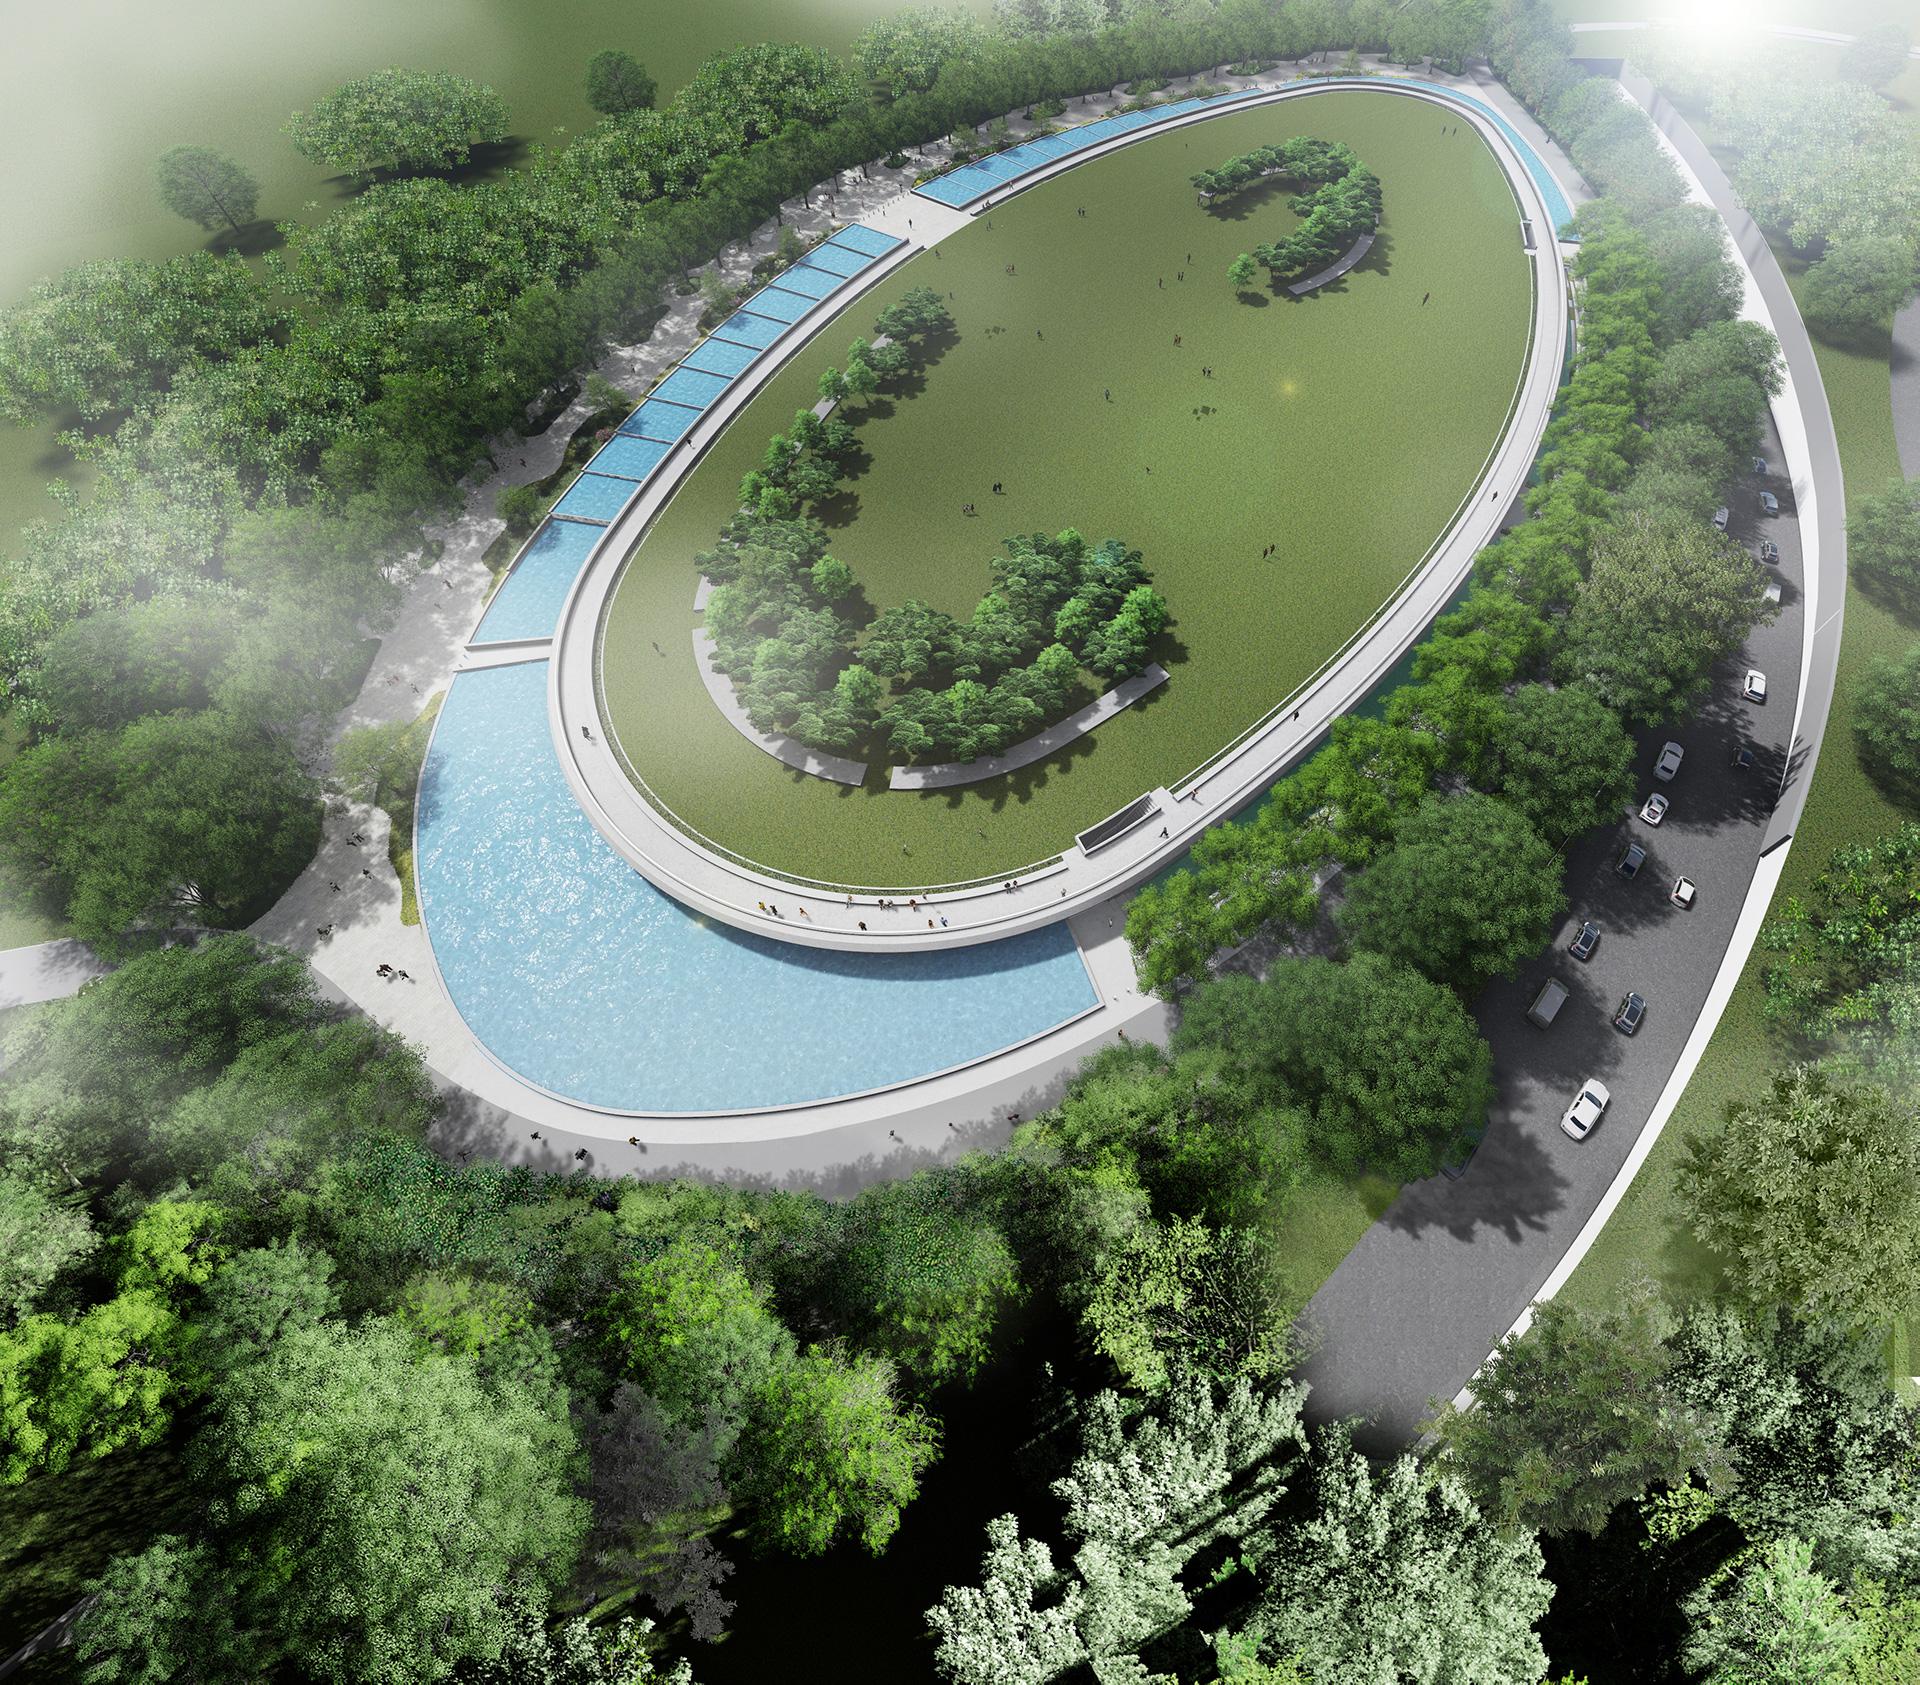 Desalination Plant, Singapore